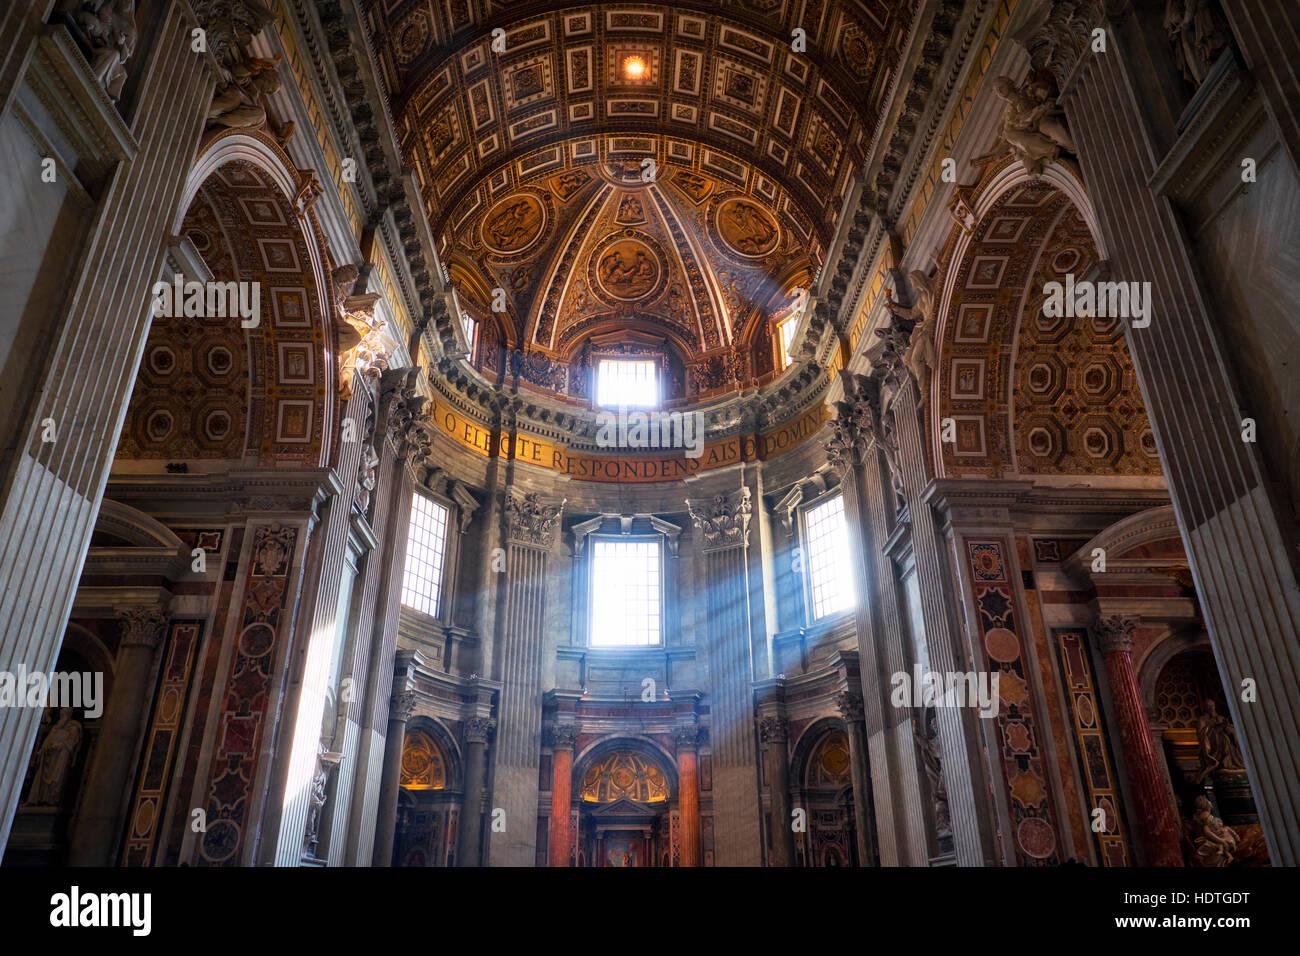 Roma, Italia - Jan 12, 2016: all'interno della basilica di San Pietro (San Pietro). Immagini Stock